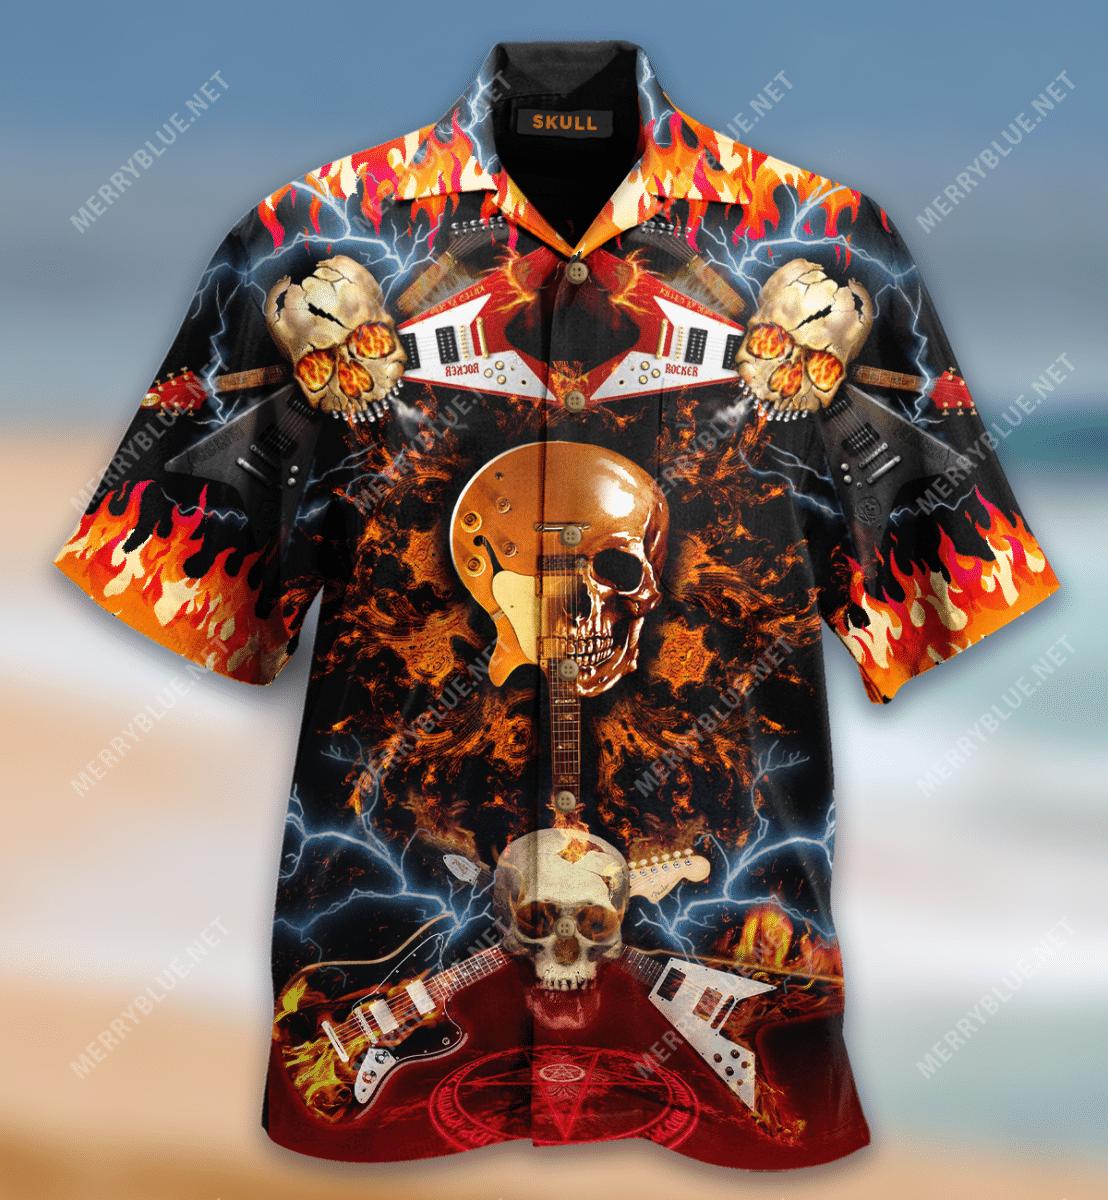 Skull Rock N Roll Hawaiian Shirt